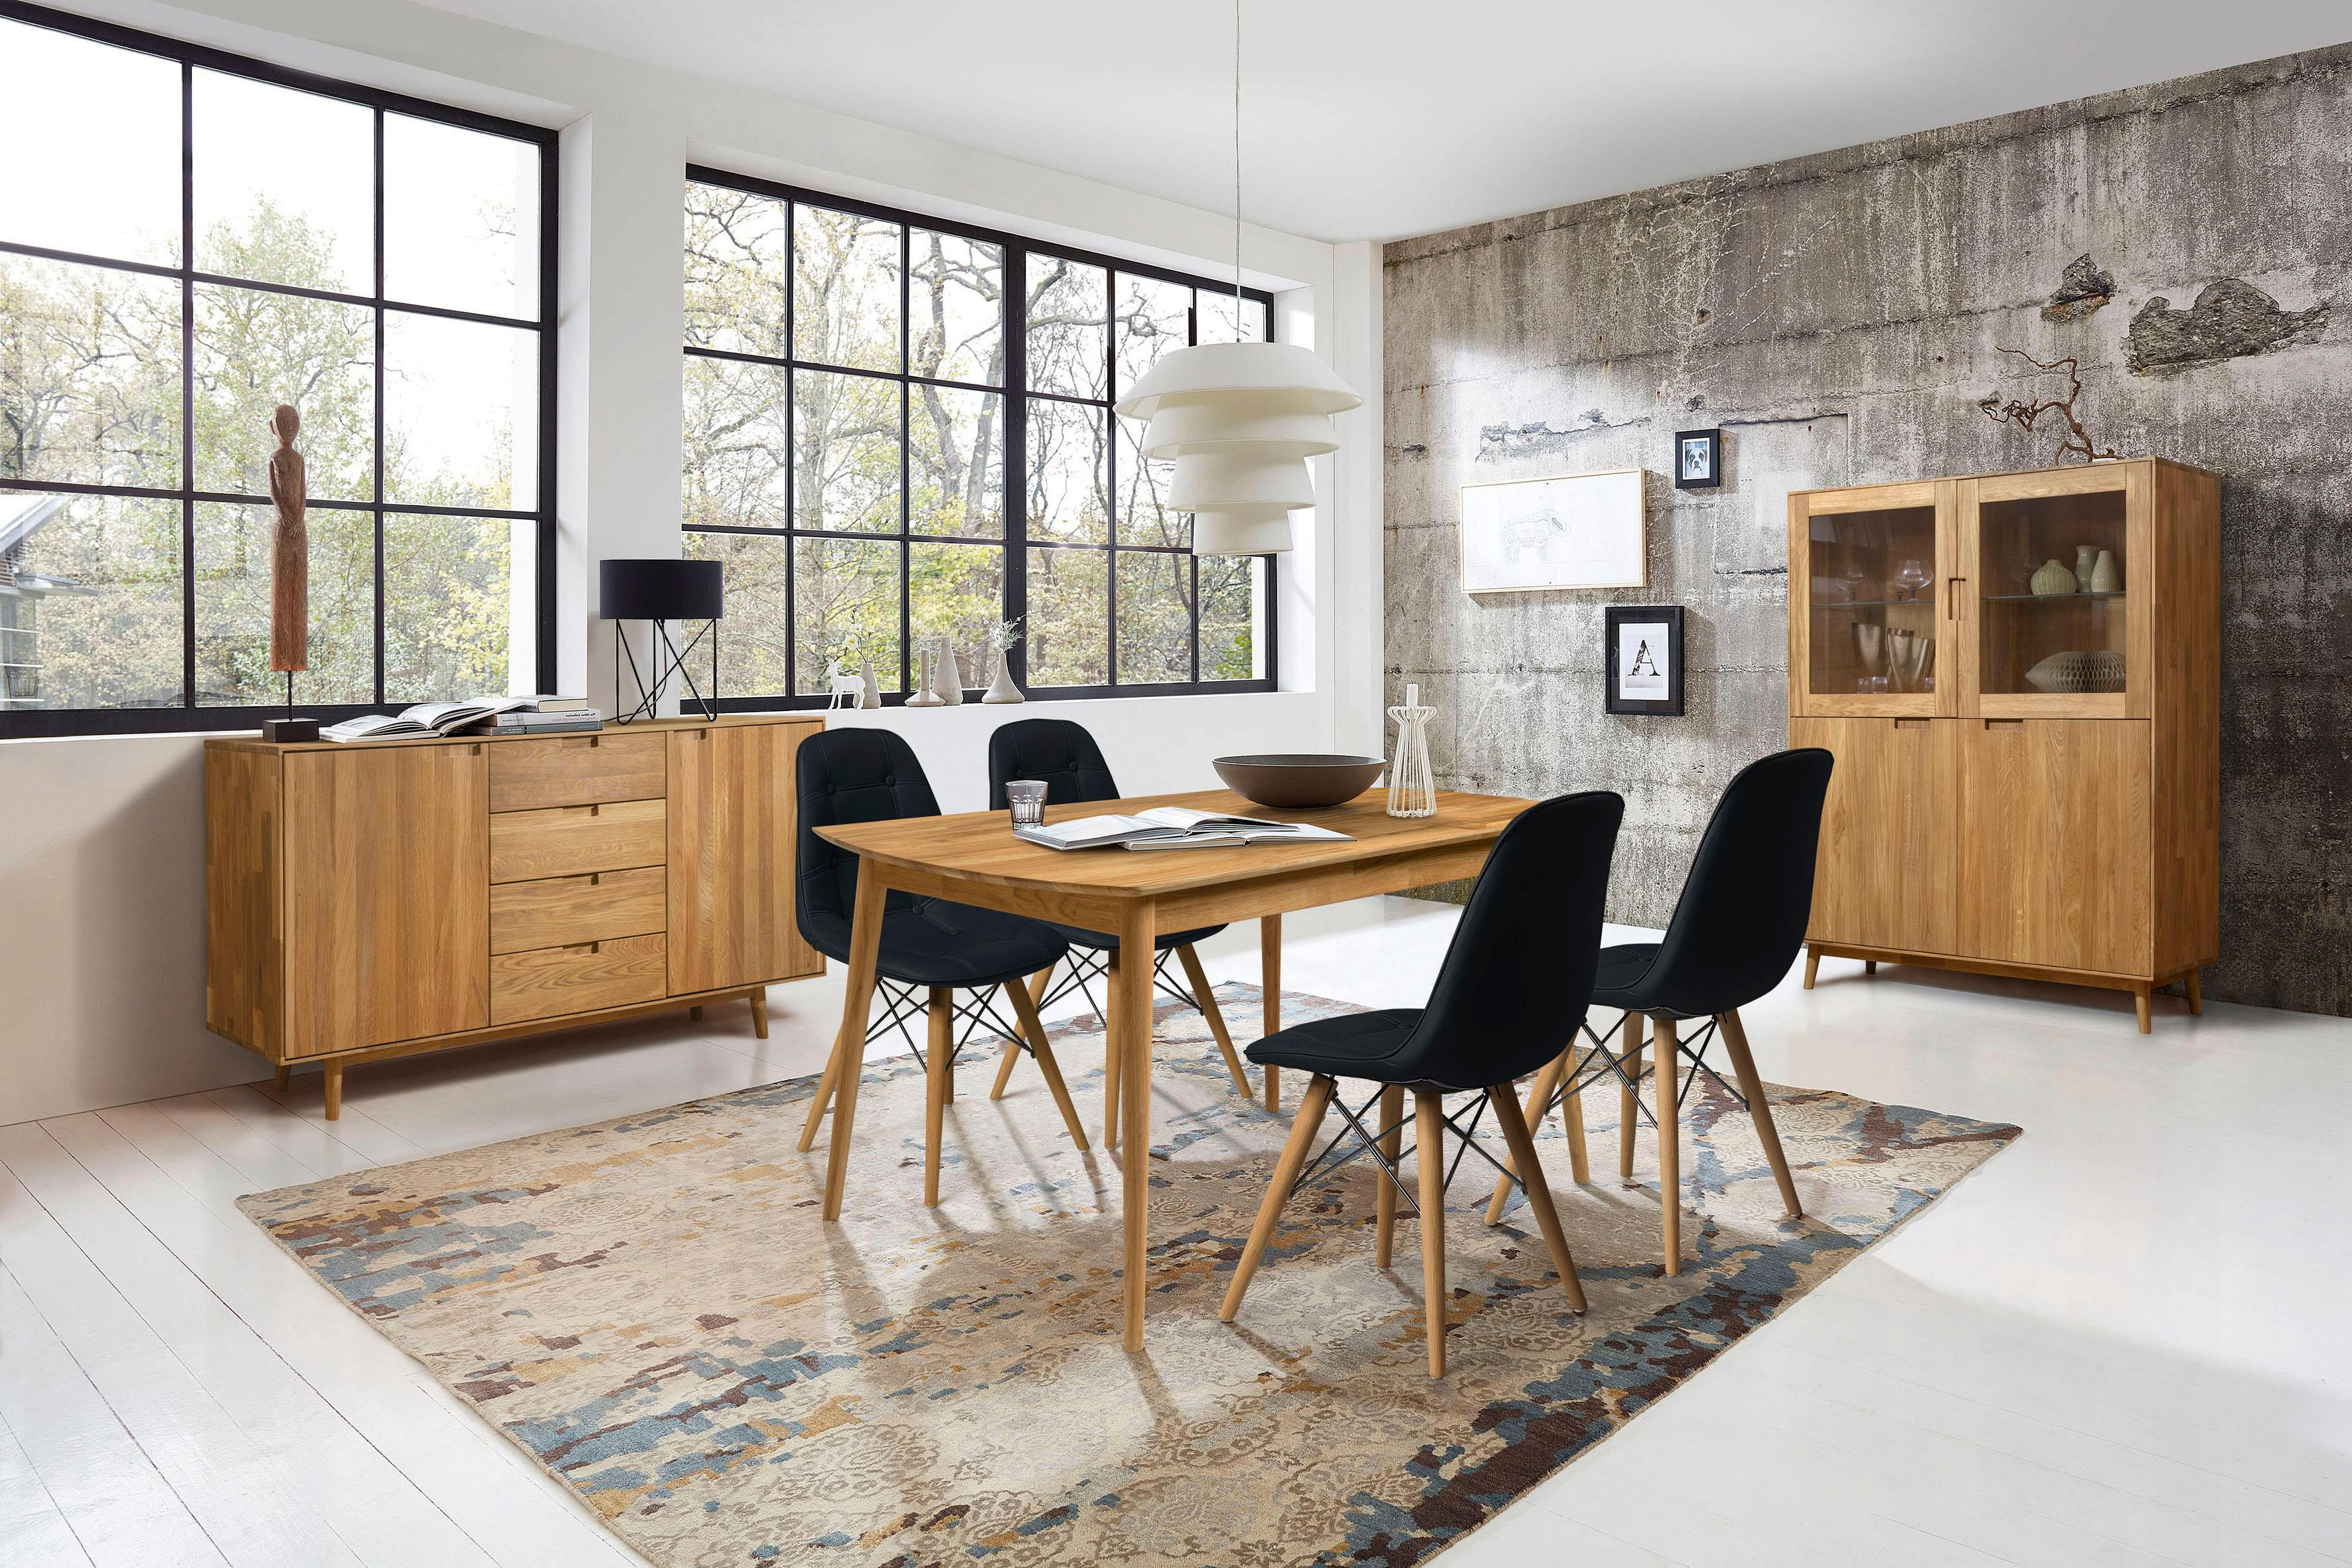 Home affaire Essgruppenset Scandi bestehend aus 4 Stühlen und einem Esstisch Esstischbreite 140 cm (5-tlg)